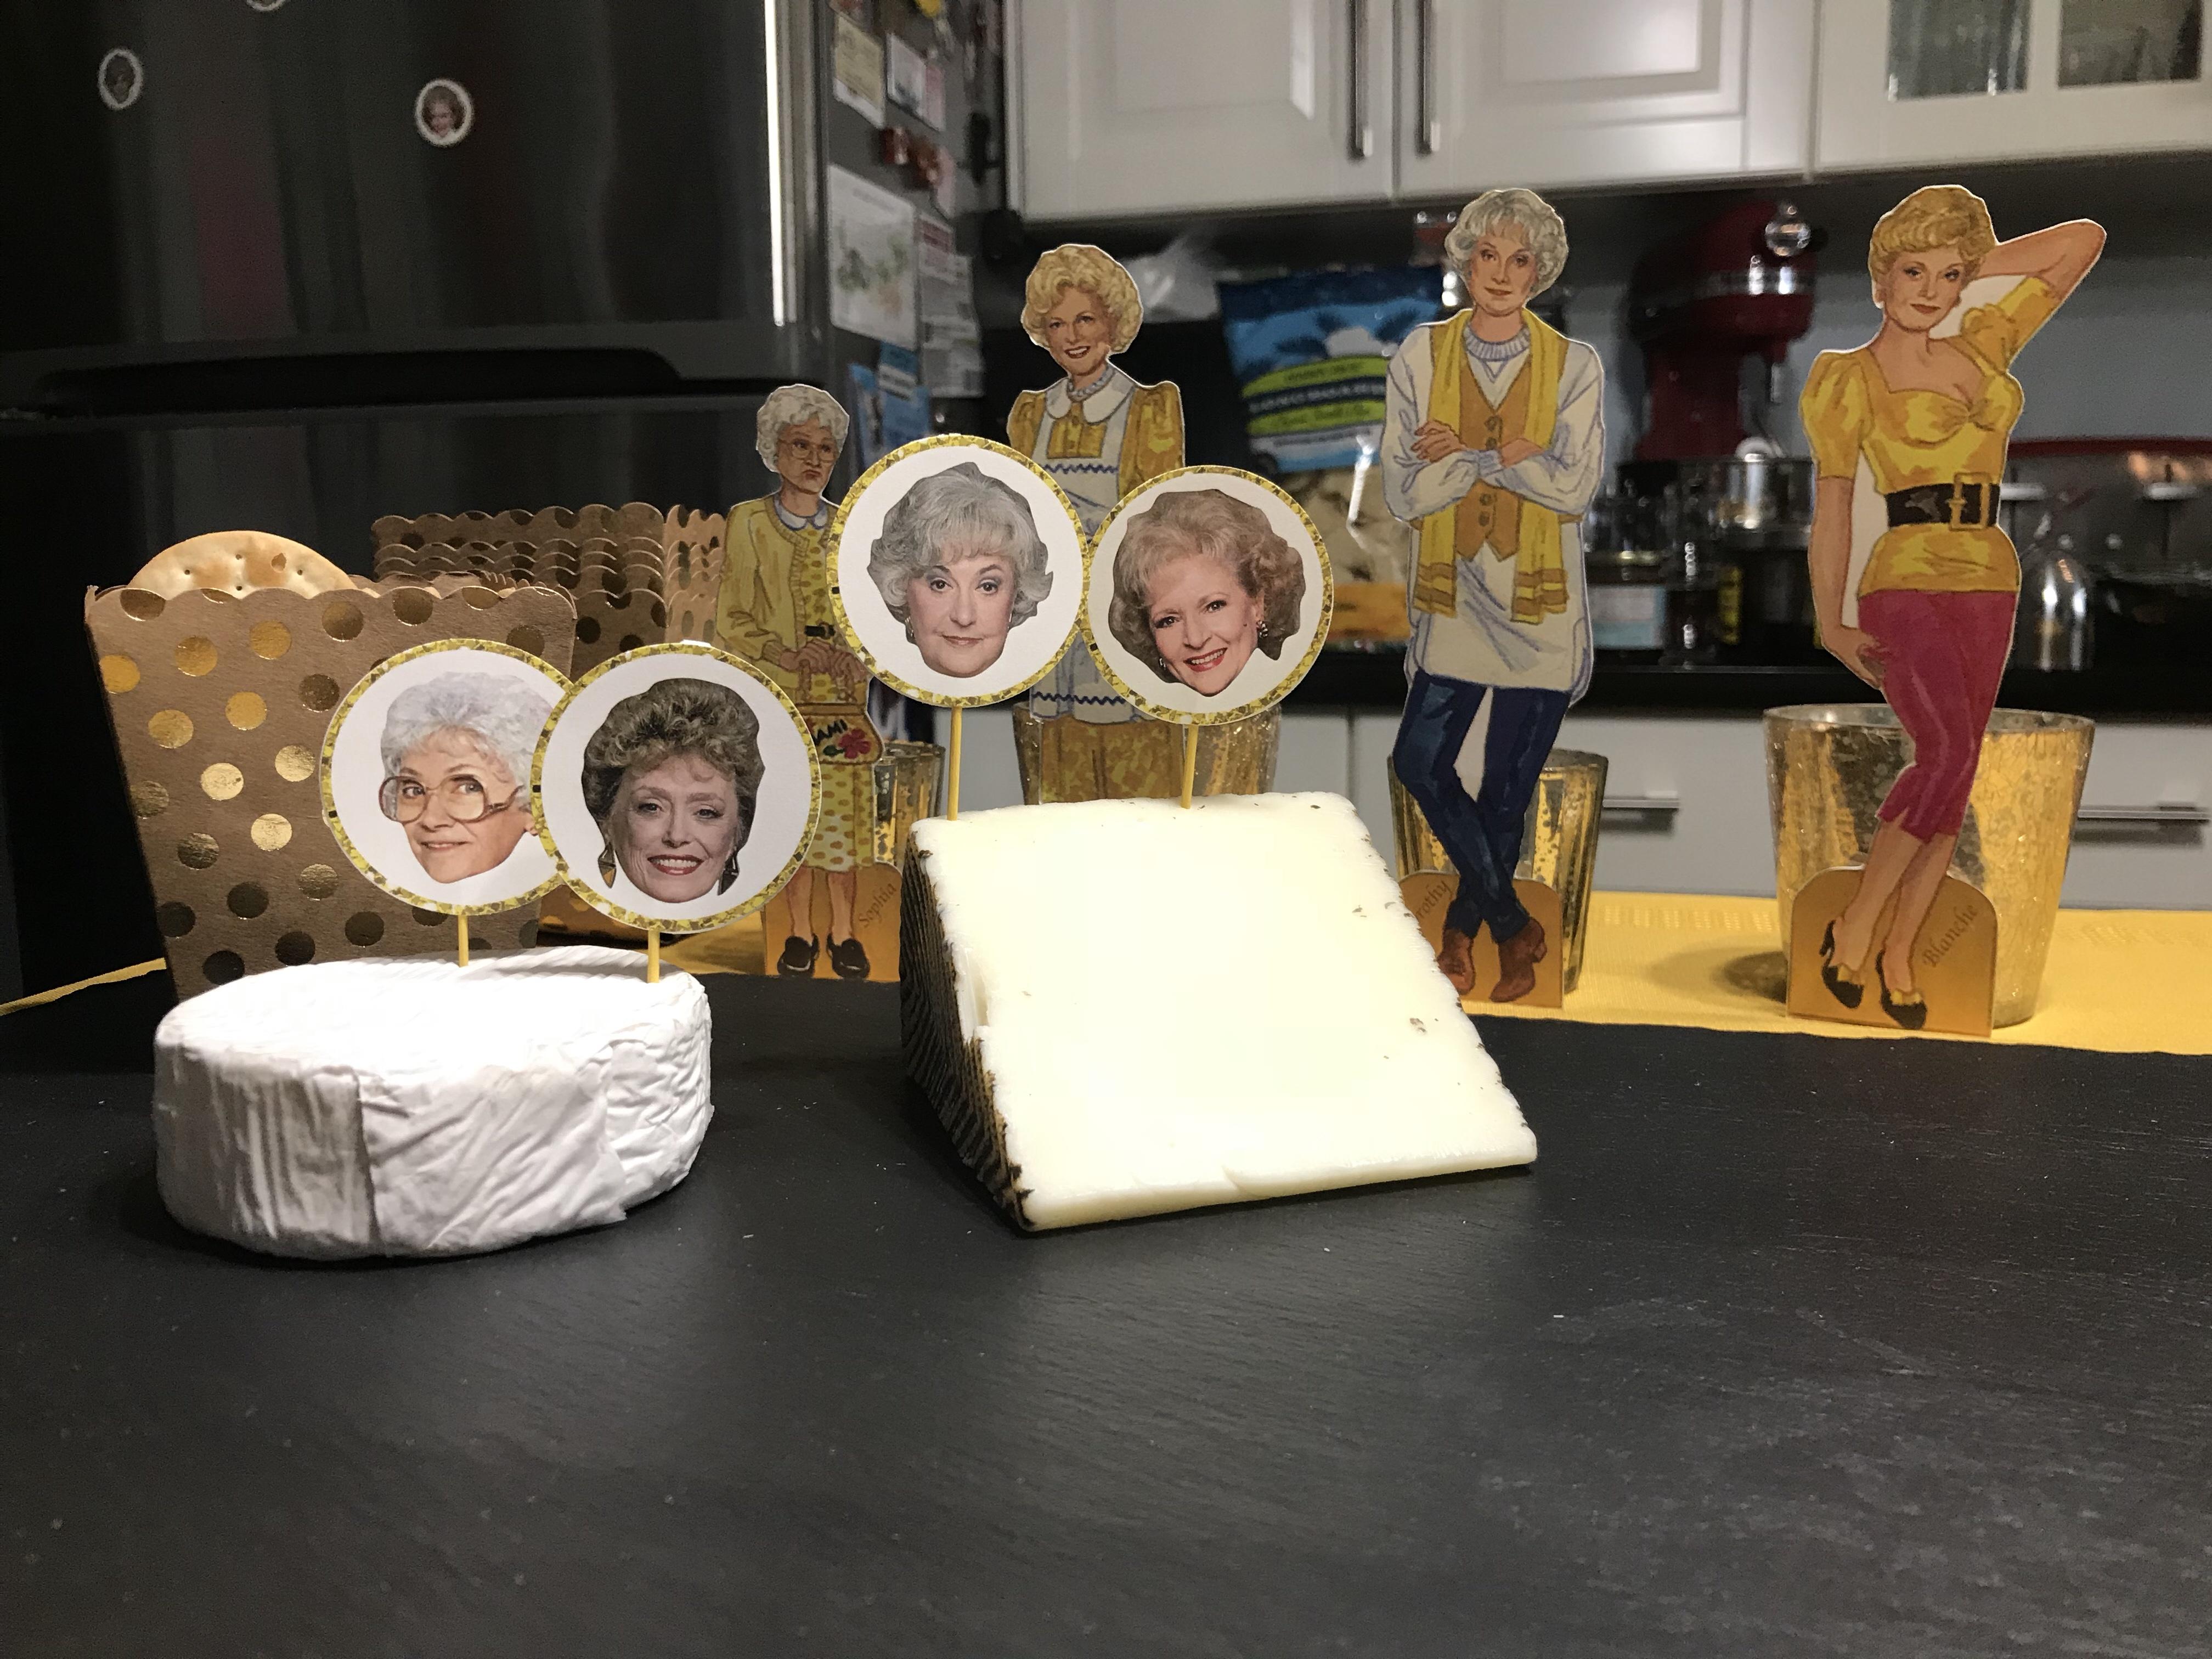 golden girls decorations, golden girls, blanche, dorothy, rose, sophia